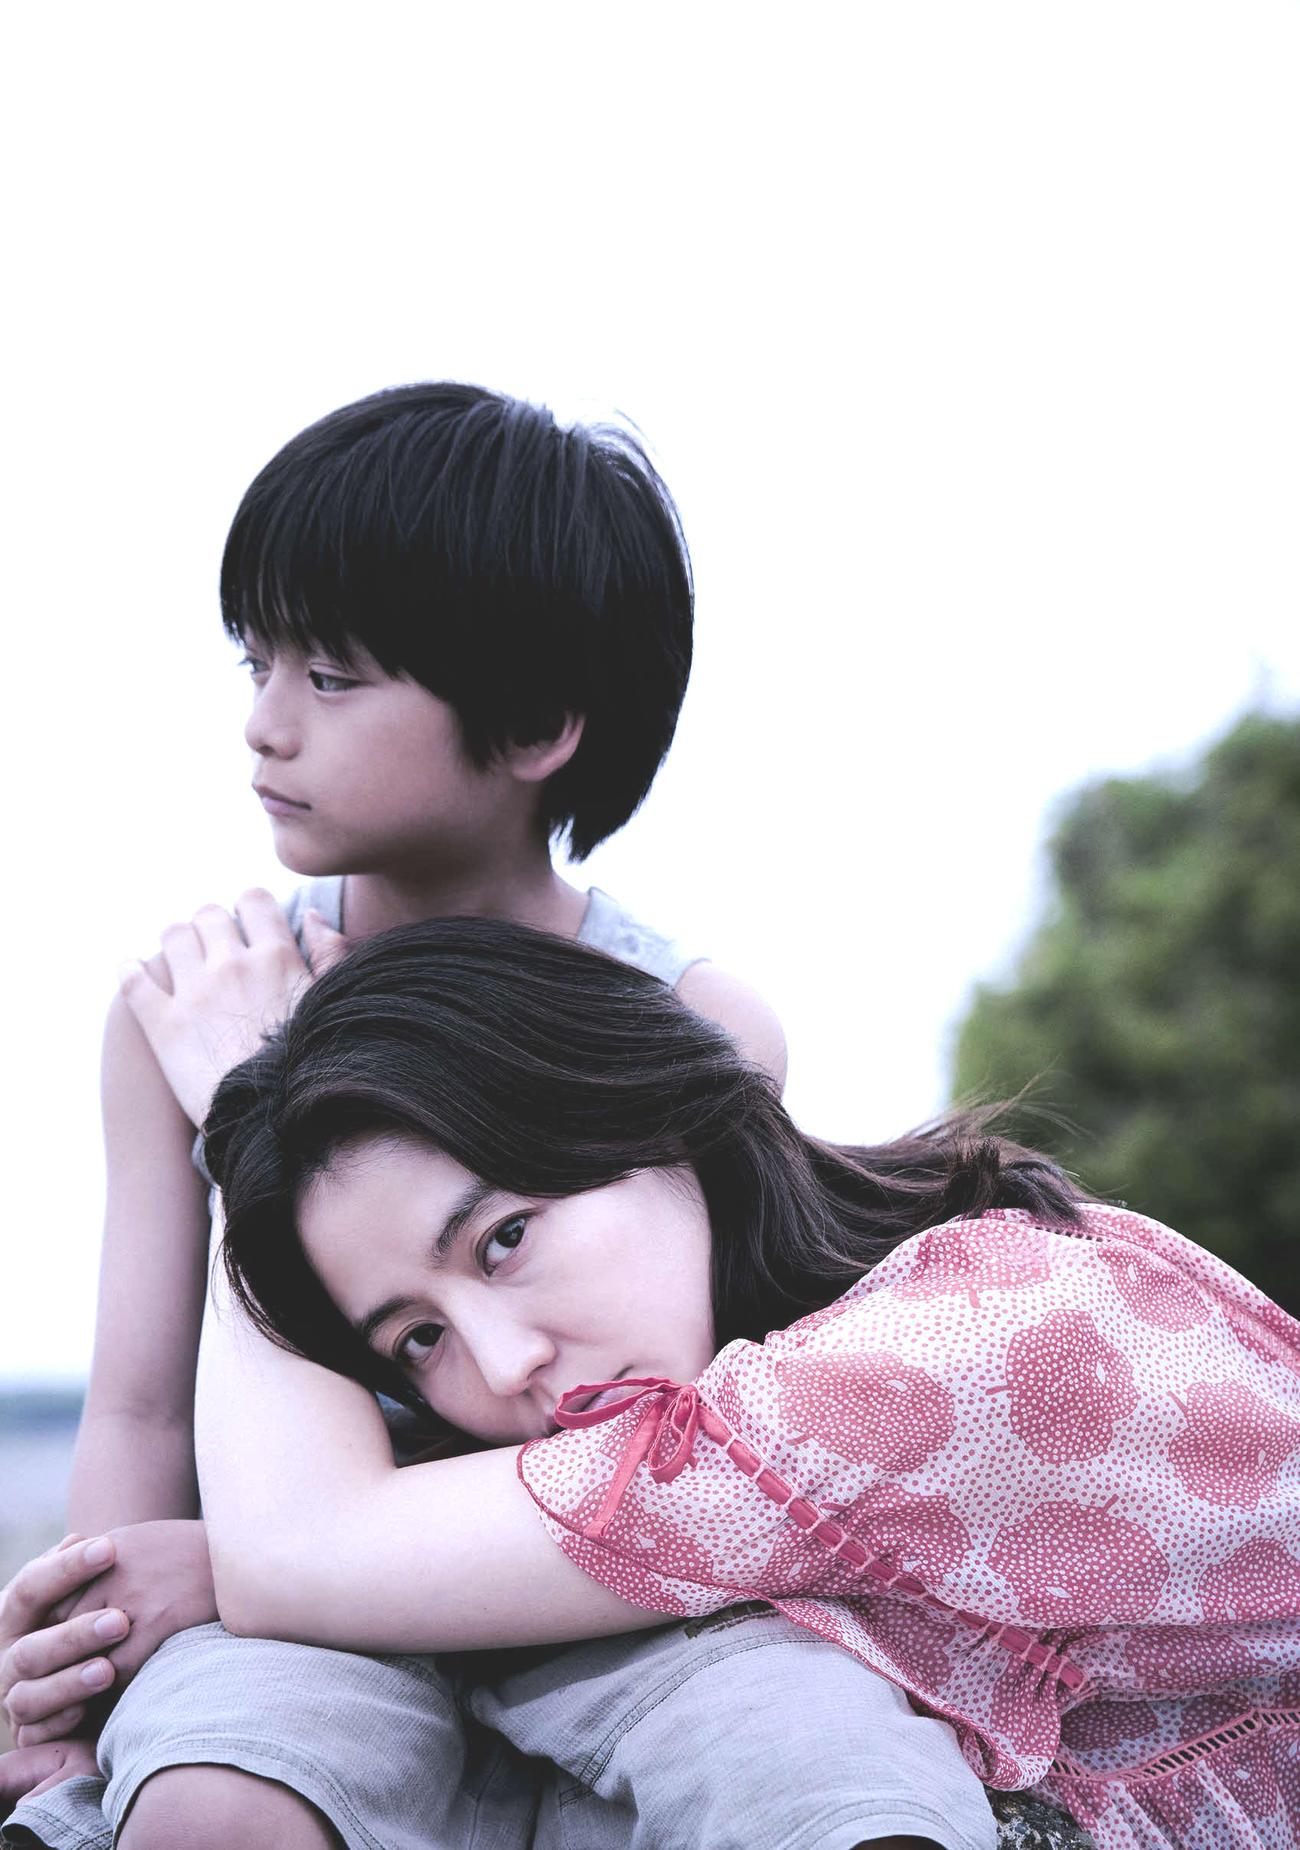 映画「MOTHER マザー」に主演する長沢まさみ、郡司翔